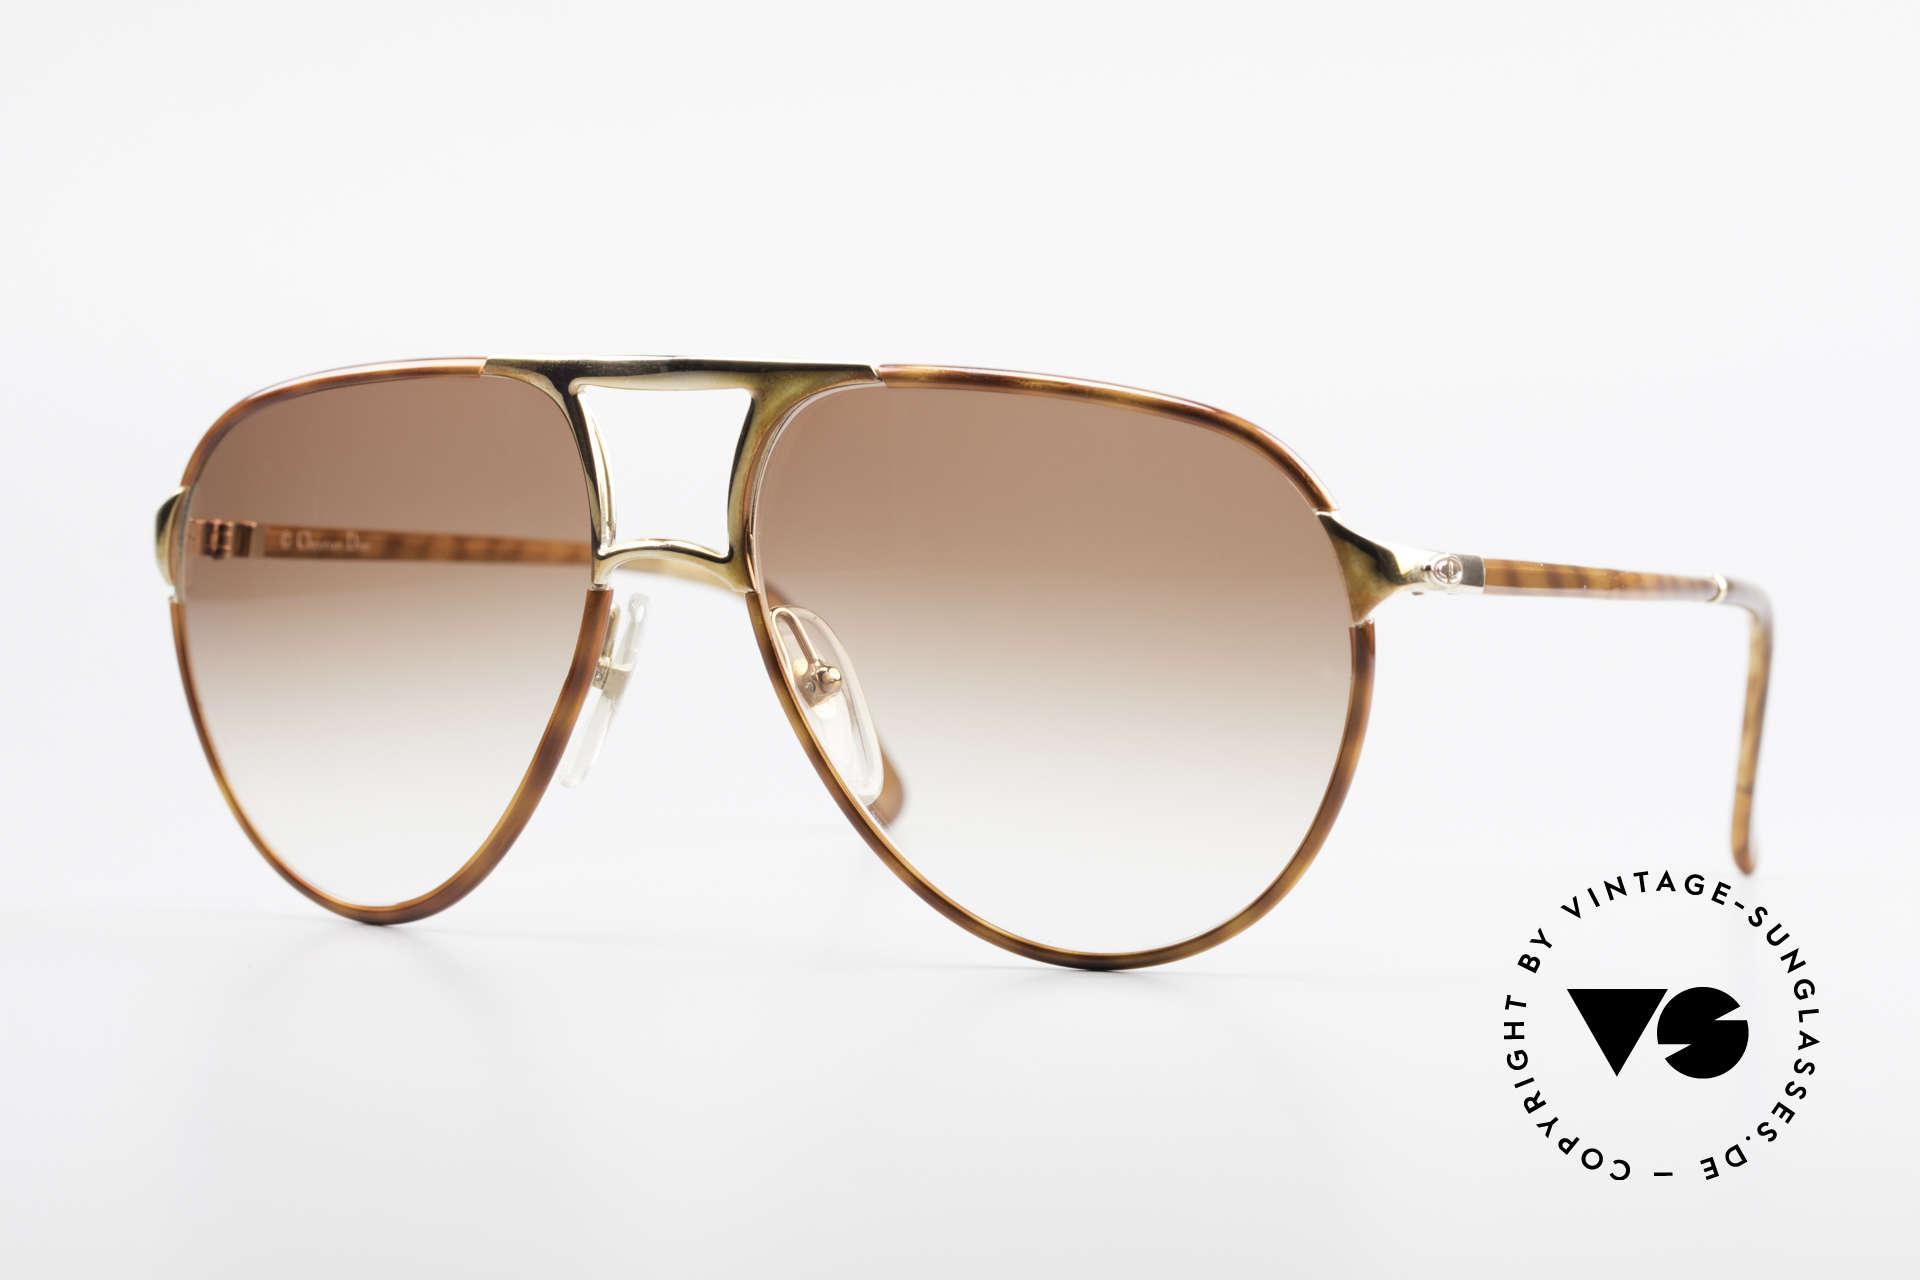 Christian Dior 2505 Designer Aviator Sonnenbrille, vintage Aviator Sonnenbrille von Christian Dior, Passend für Herren